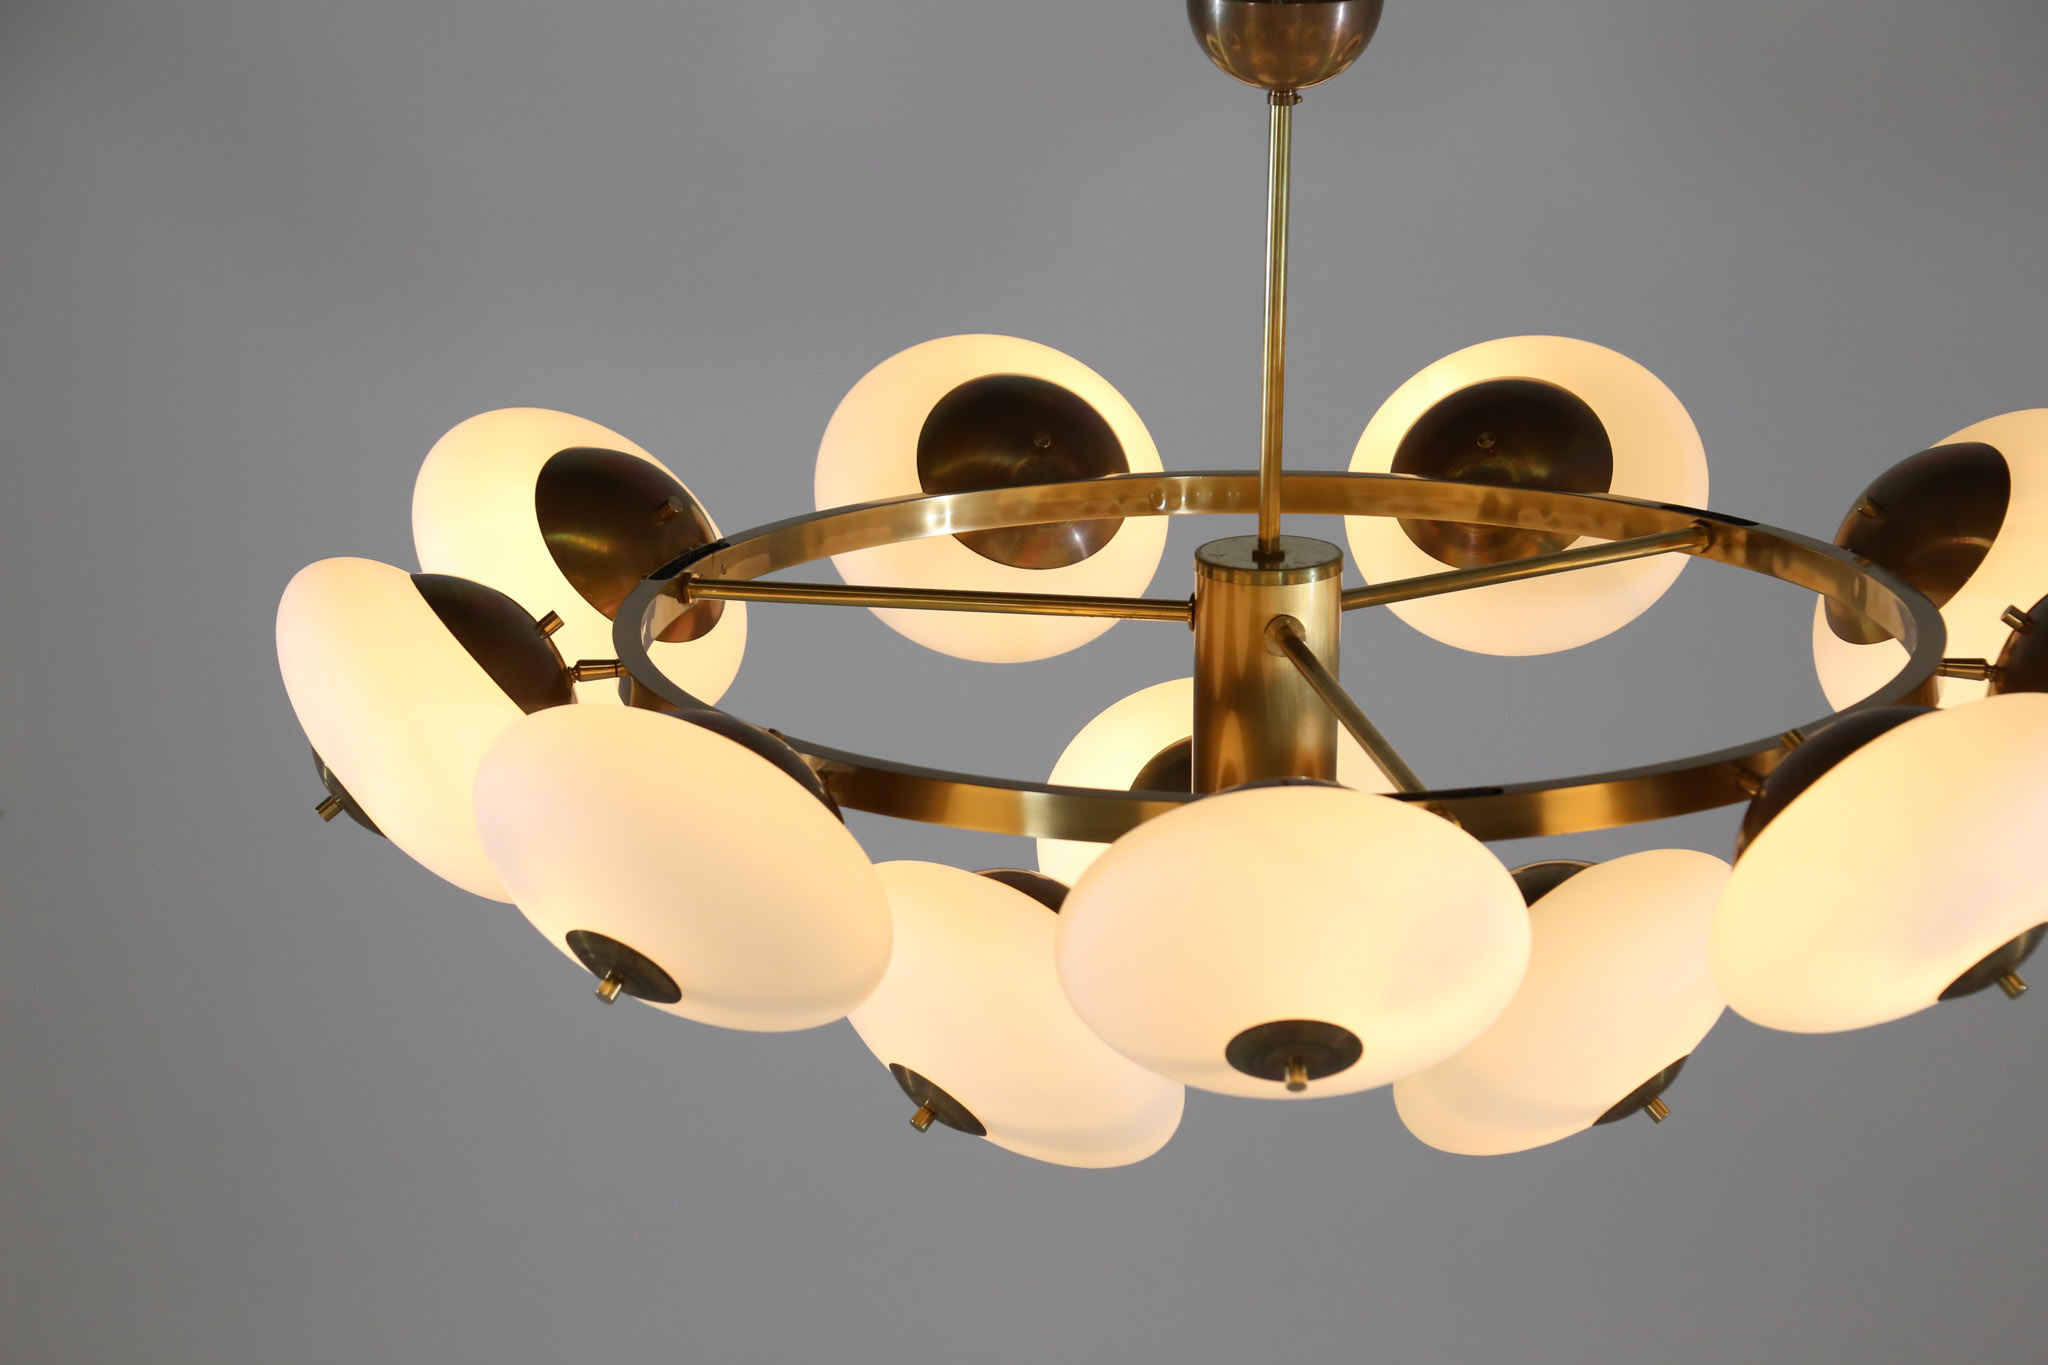 grand lustre moderne italien rond 12 opalines ovo de style stilnovo danke galerie. Black Bedroom Furniture Sets. Home Design Ideas